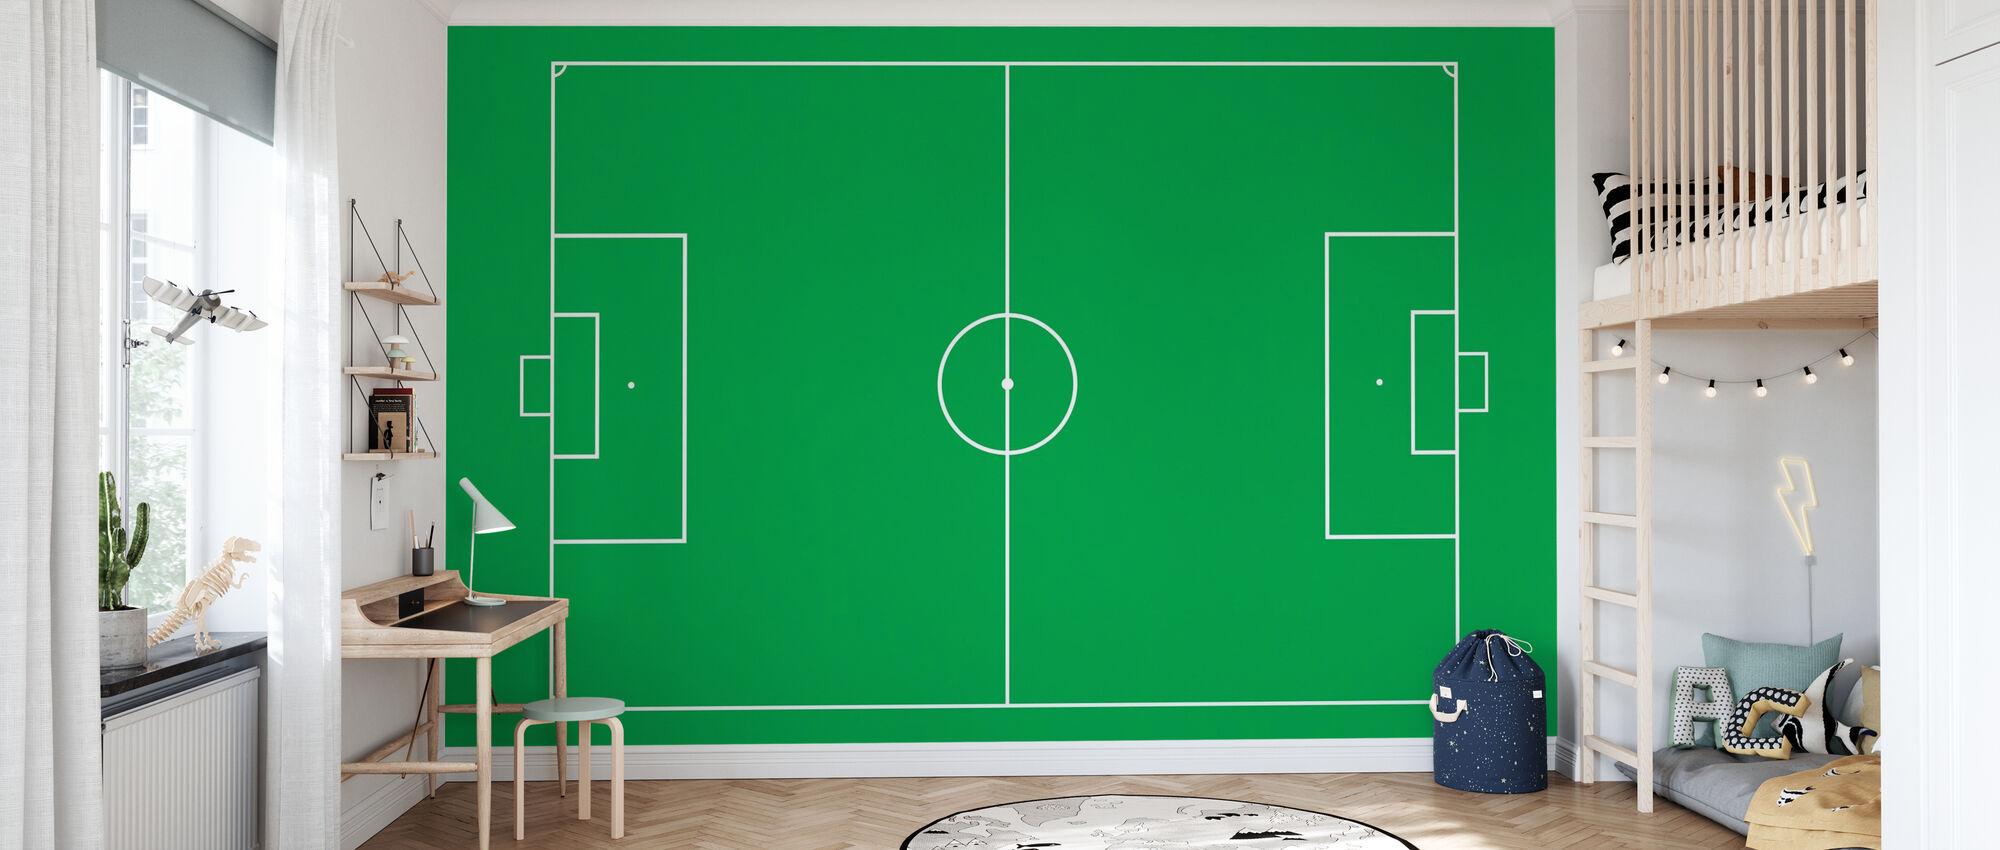 Campo de fútbol - Papel pintado - Cuarto de niños